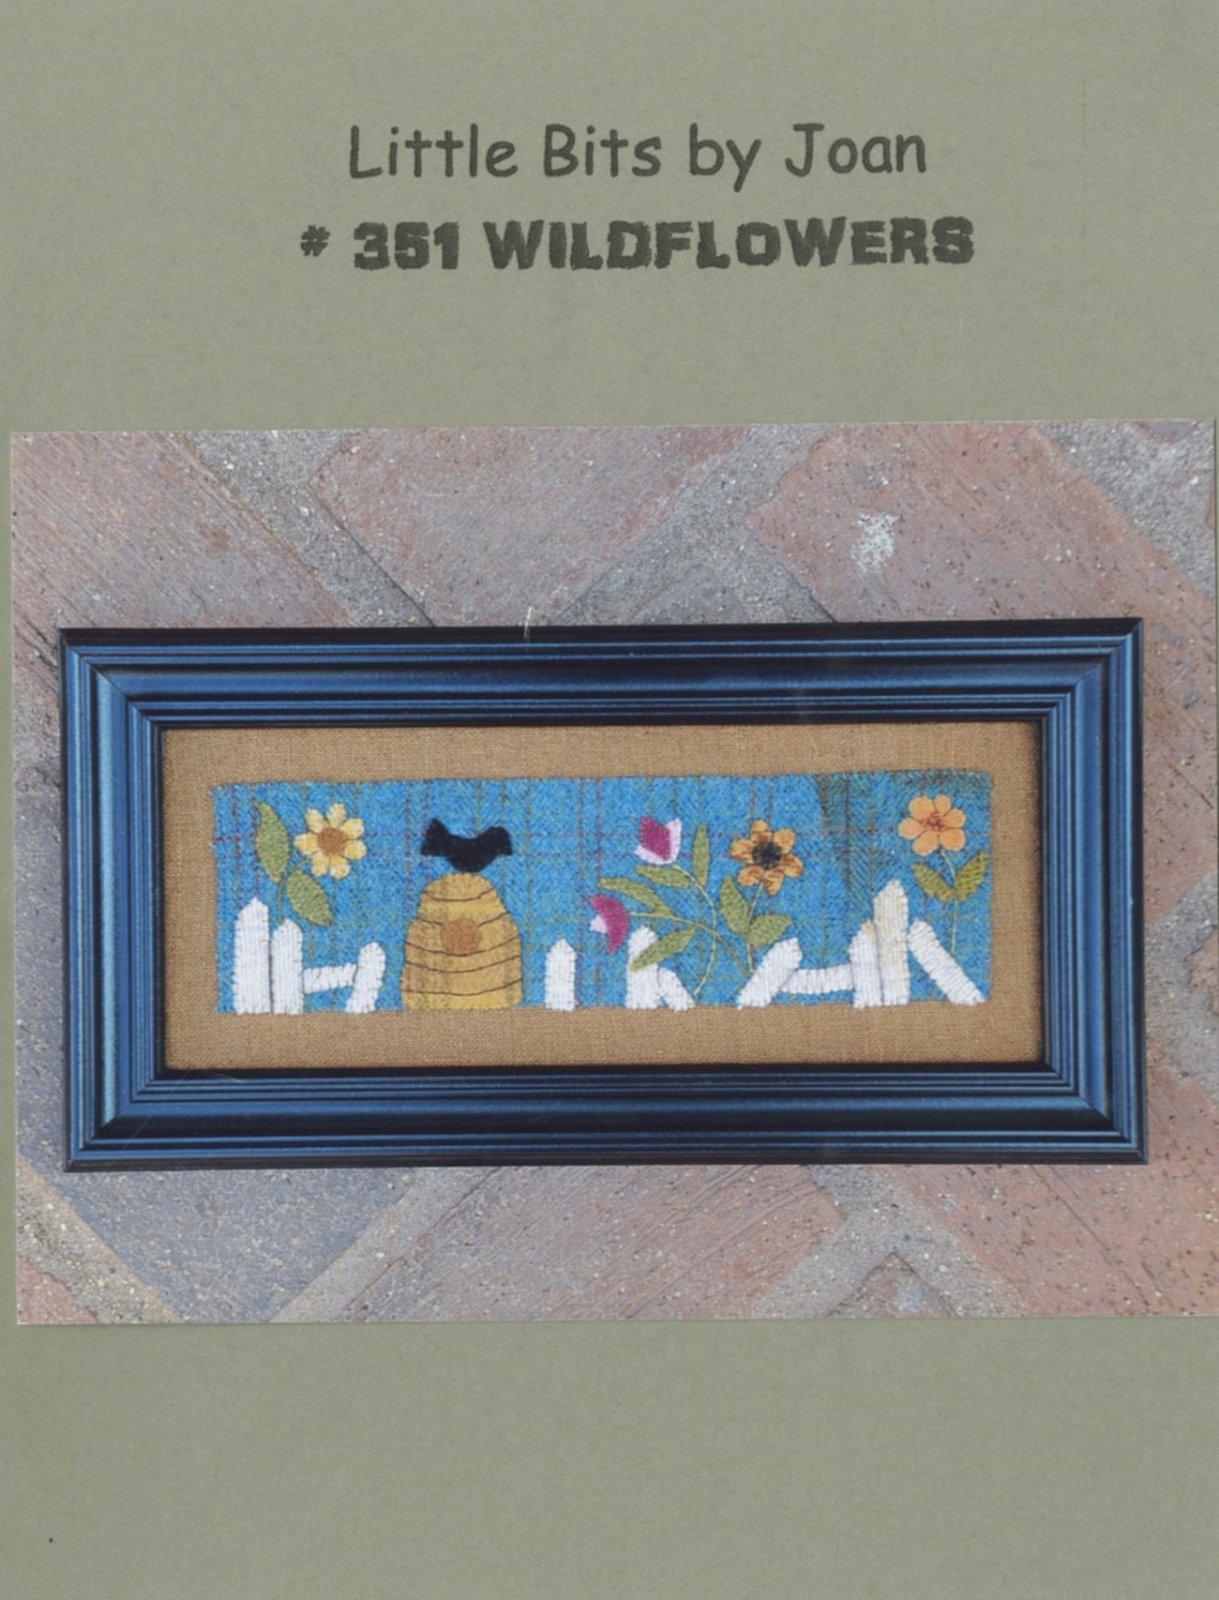 Little Bits - Wildflowers